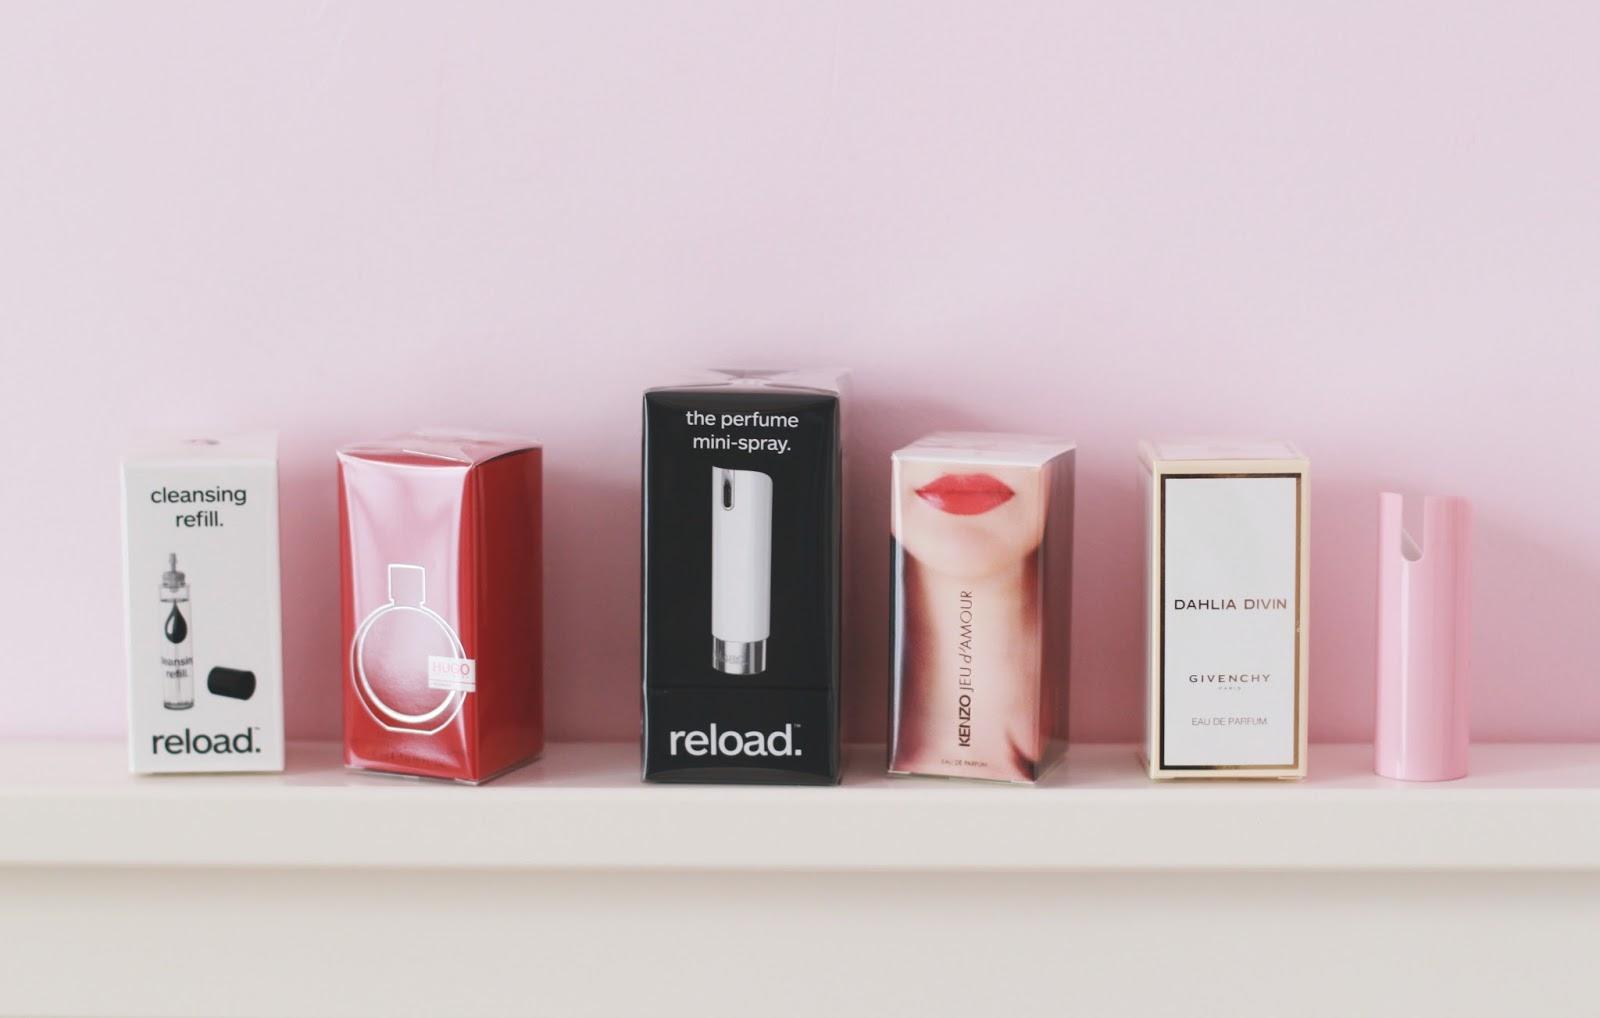 reload mini spray